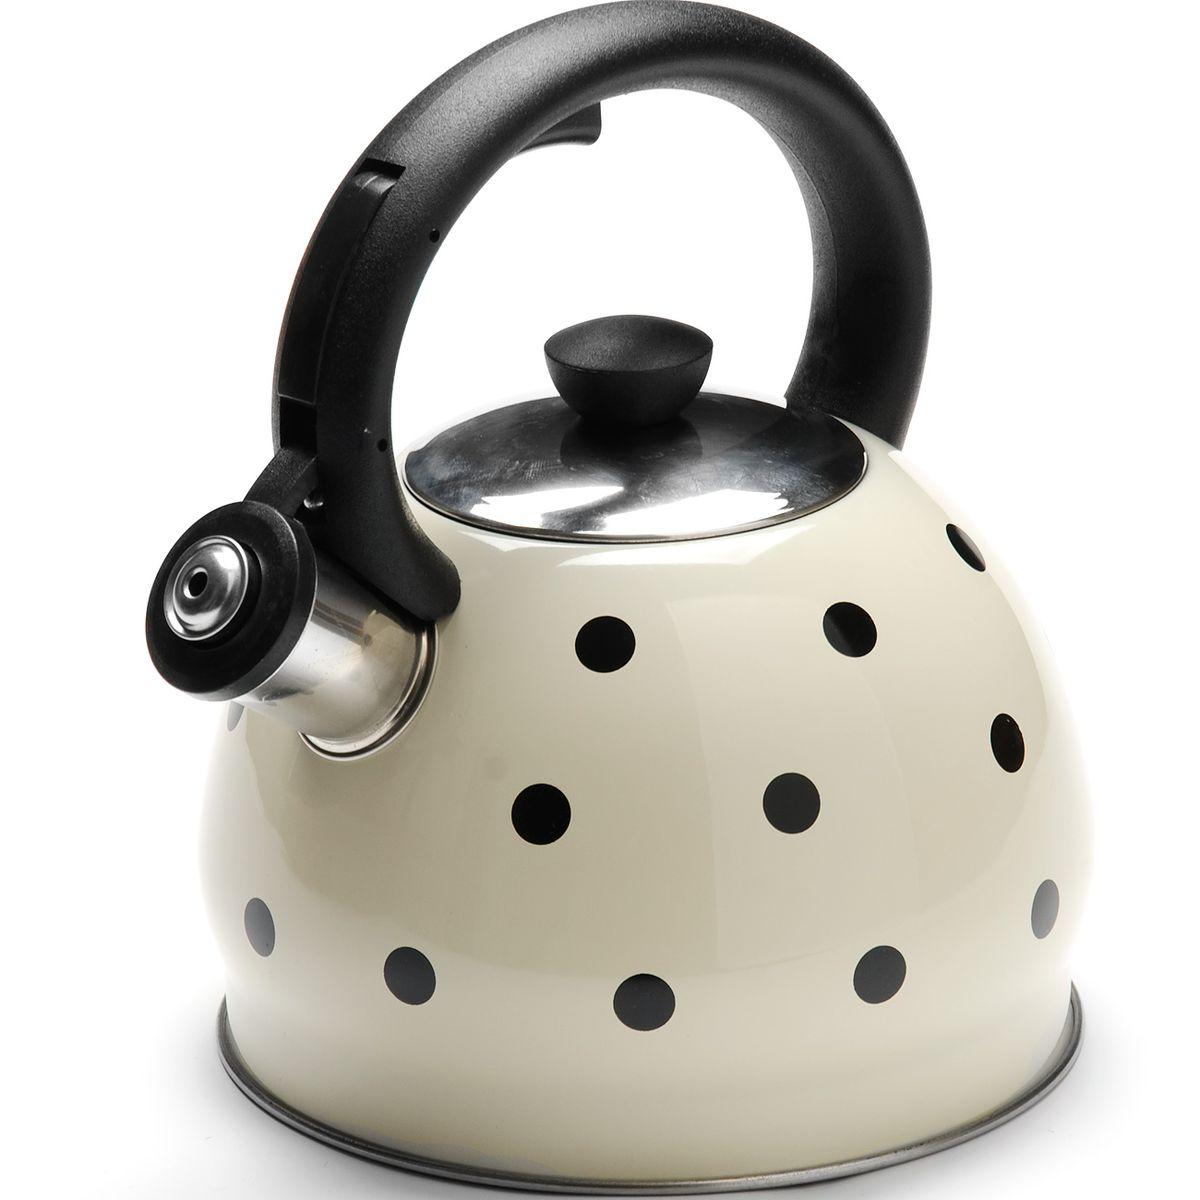 Чайник Mayer & Boch Горох, со свистком, 2 л. 2589268/5/3Чайник со свистком Mayer & Boch изготовлен из высококачественной нержавеющей стали, что обеспечивает долговечность использования. Носик чайника оснащен откидным свистком, звуковой сигнал которого подскажет, когда закипит вода. Свисток открывается нажатием кнопки на фиксированной ручке, сделанной из пластика. Чайник Mayer & Boch - качественное исполнение и стильное решение для вашей кухни. Подходит для всех типов плит, включая индукционные. Можно мыть в посудомоечной машине. Высота чайника (с учетом ручки и крышки): 20 см.Высота чайника (без учета ручки и крышки): 12 см.Диаметр чайника (по верхнему краю): 9 см.Диаметр основания: 16,5 см.